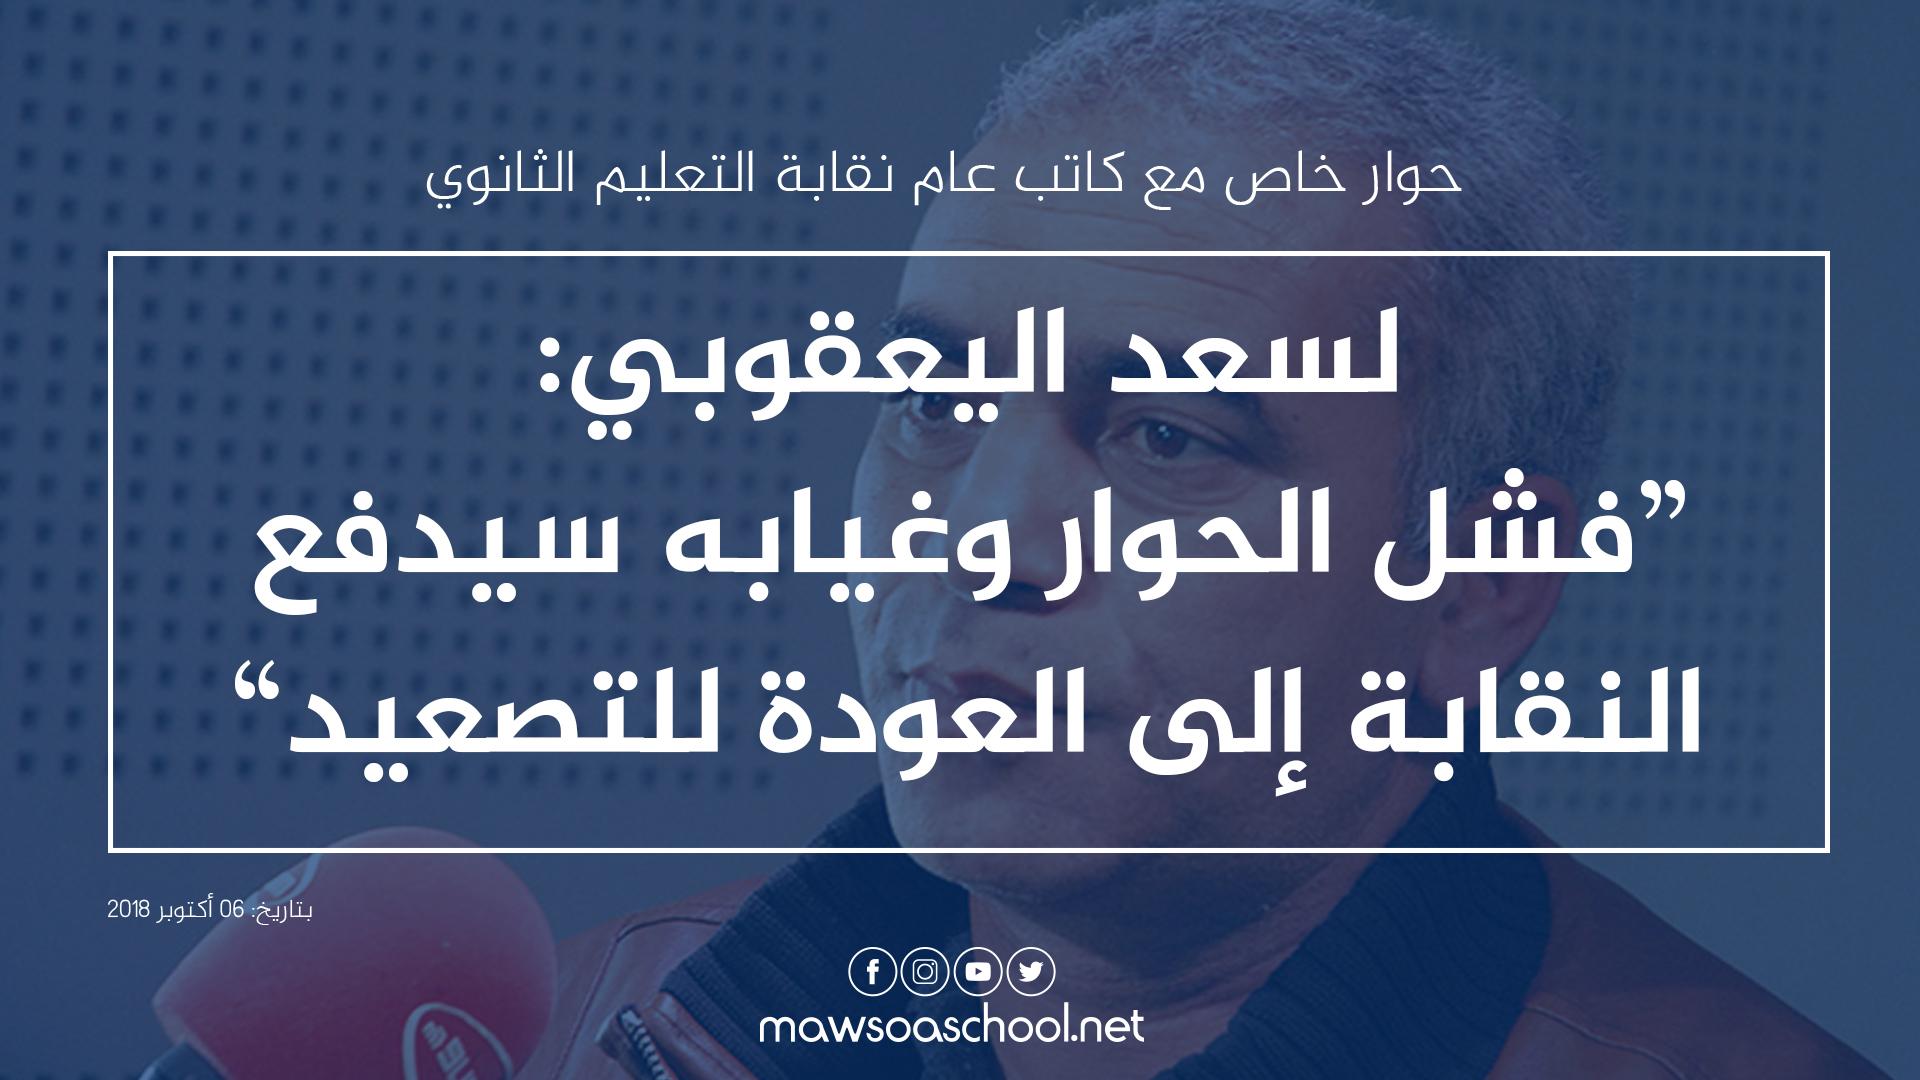 """لسعد اليعقوبي: """"فشل الحوار وغيابه سيدفع النقابة إلى العودة للتصعيد"""""""